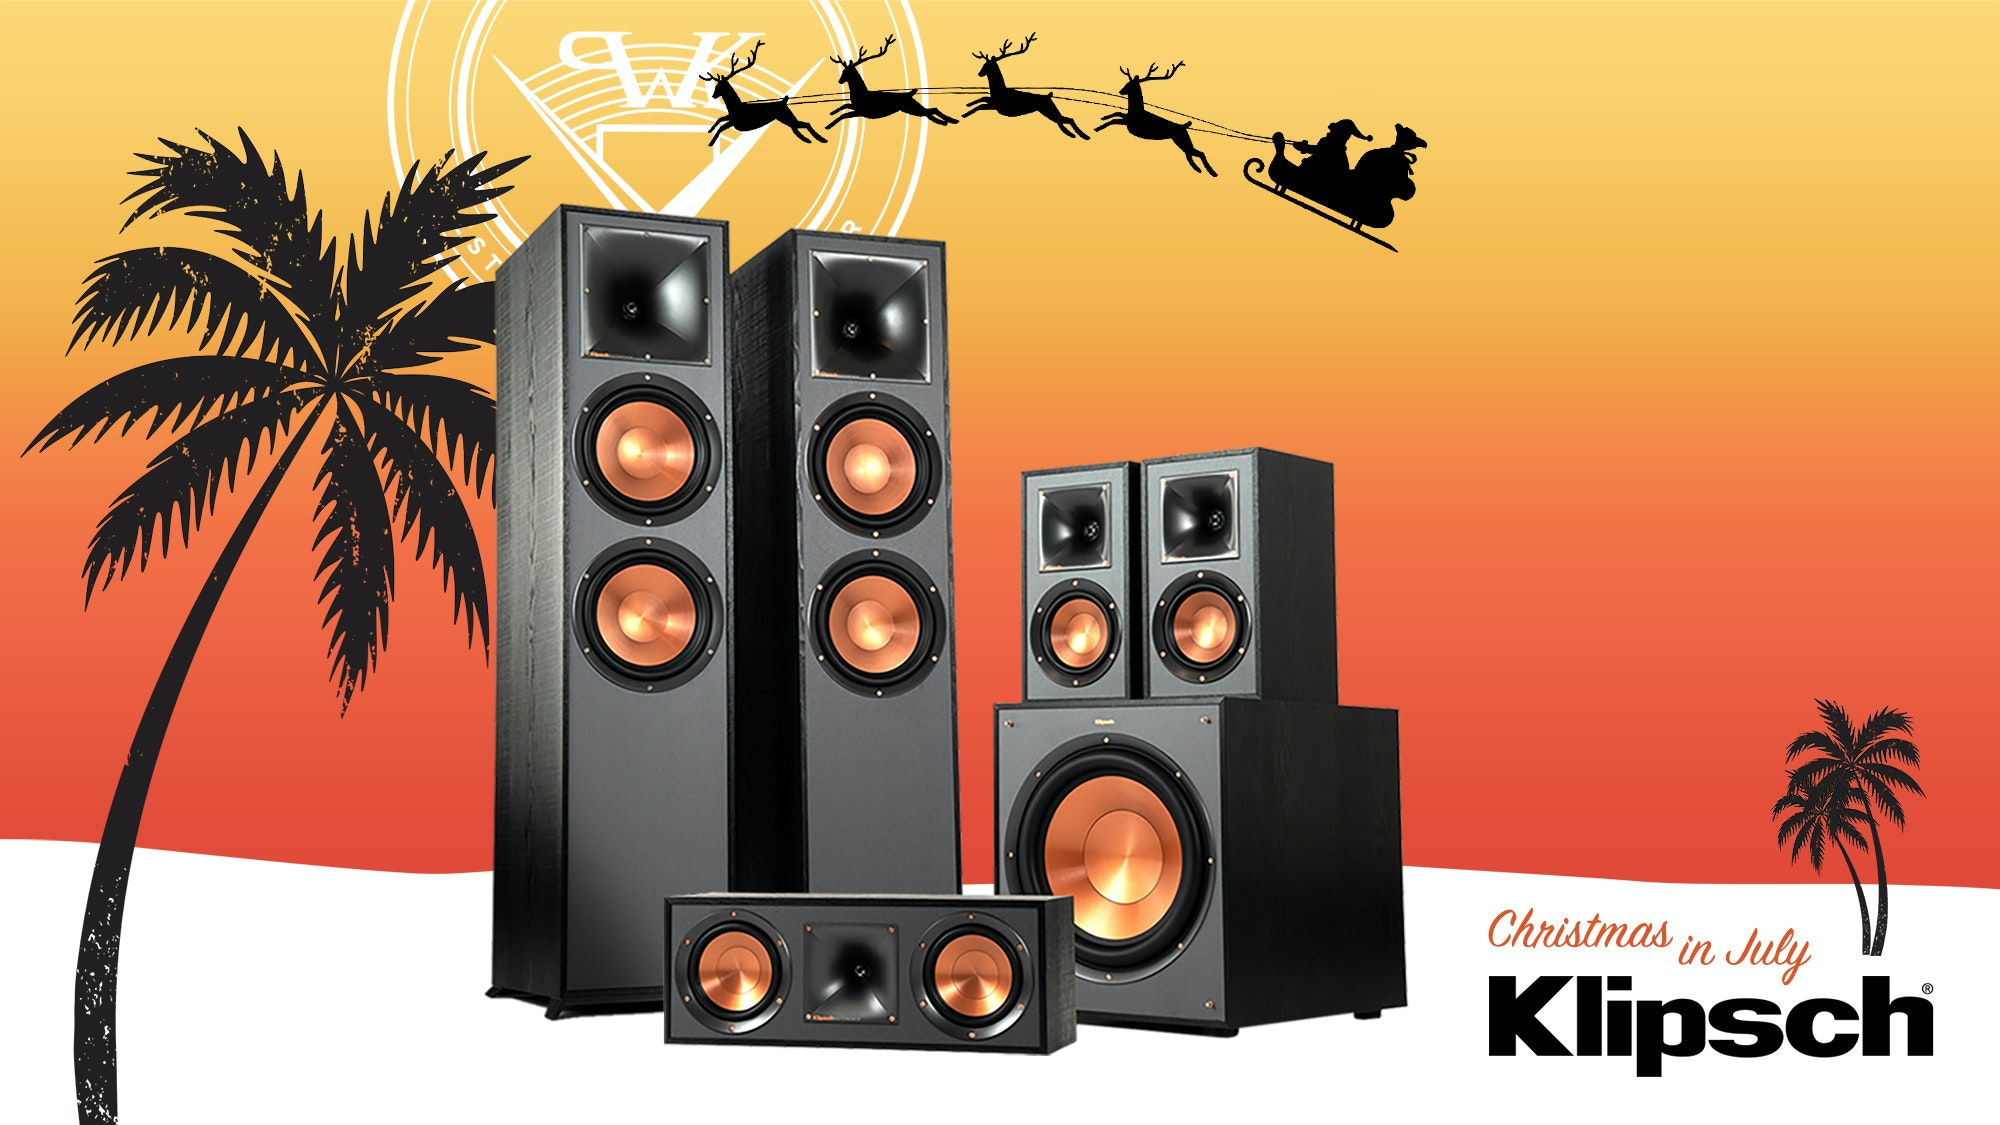 Xmas in July Klipsch surround sound